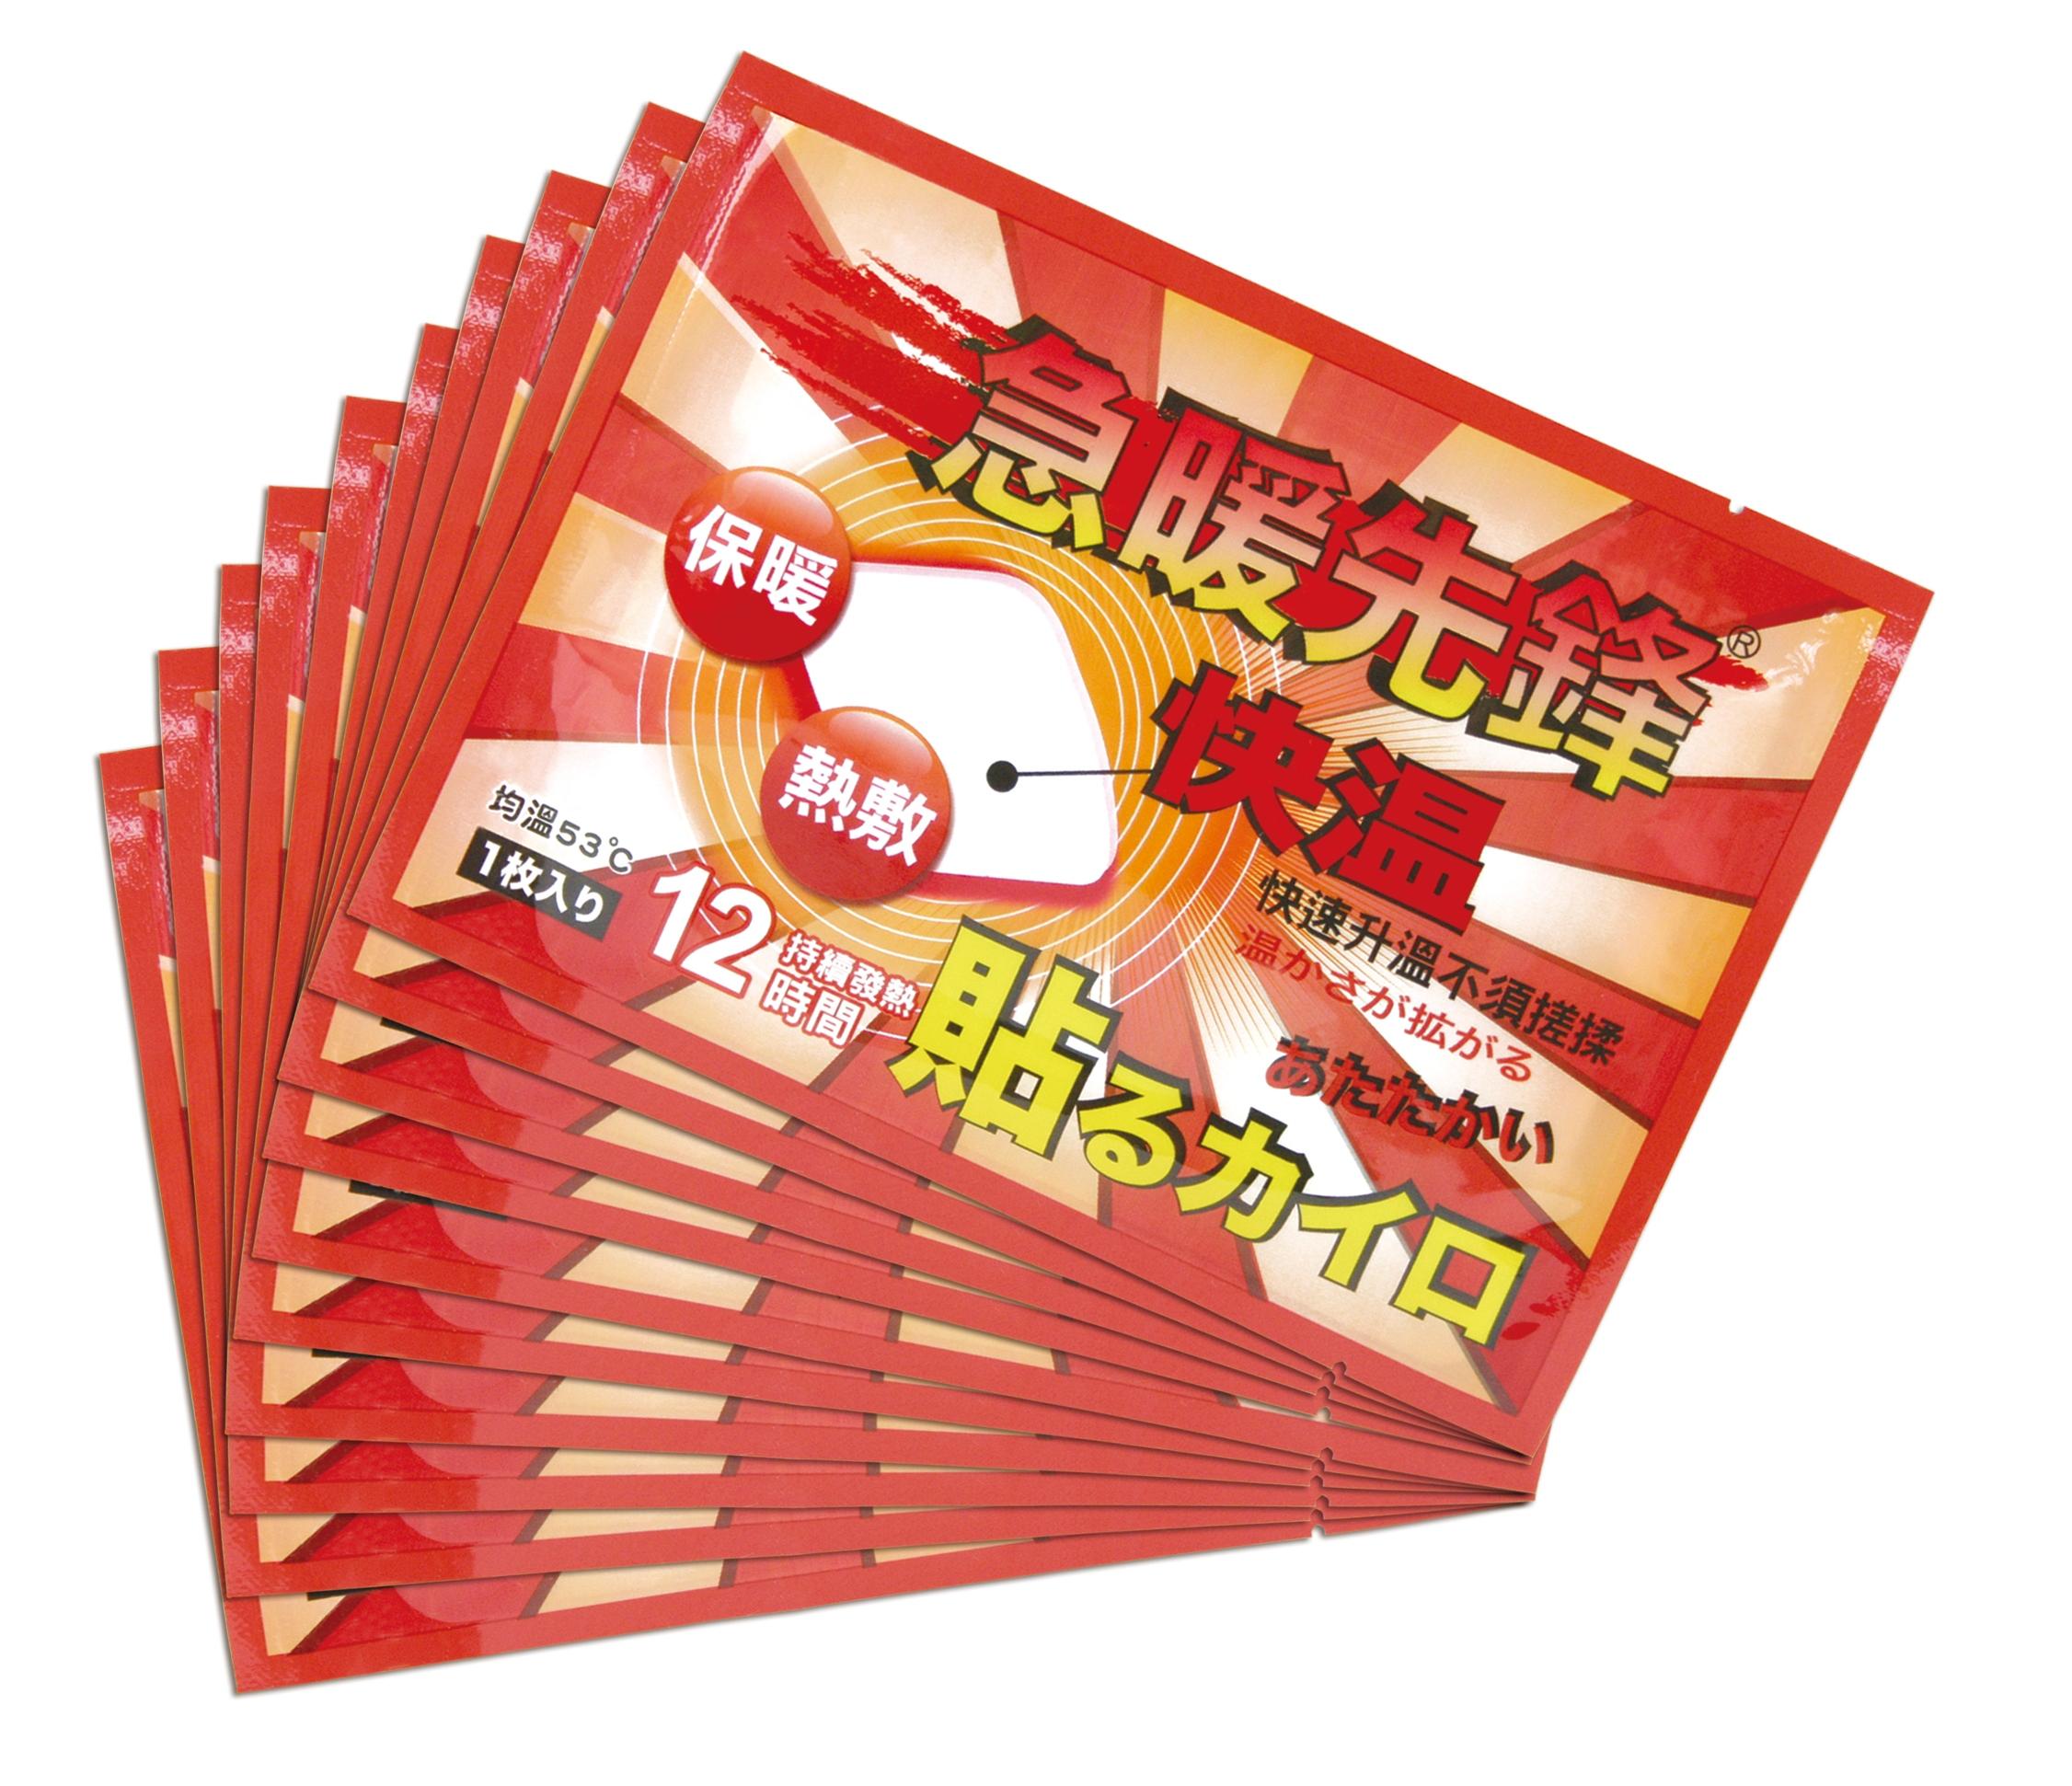 【急暖先鋒】黏貼式暖暖包10入/組